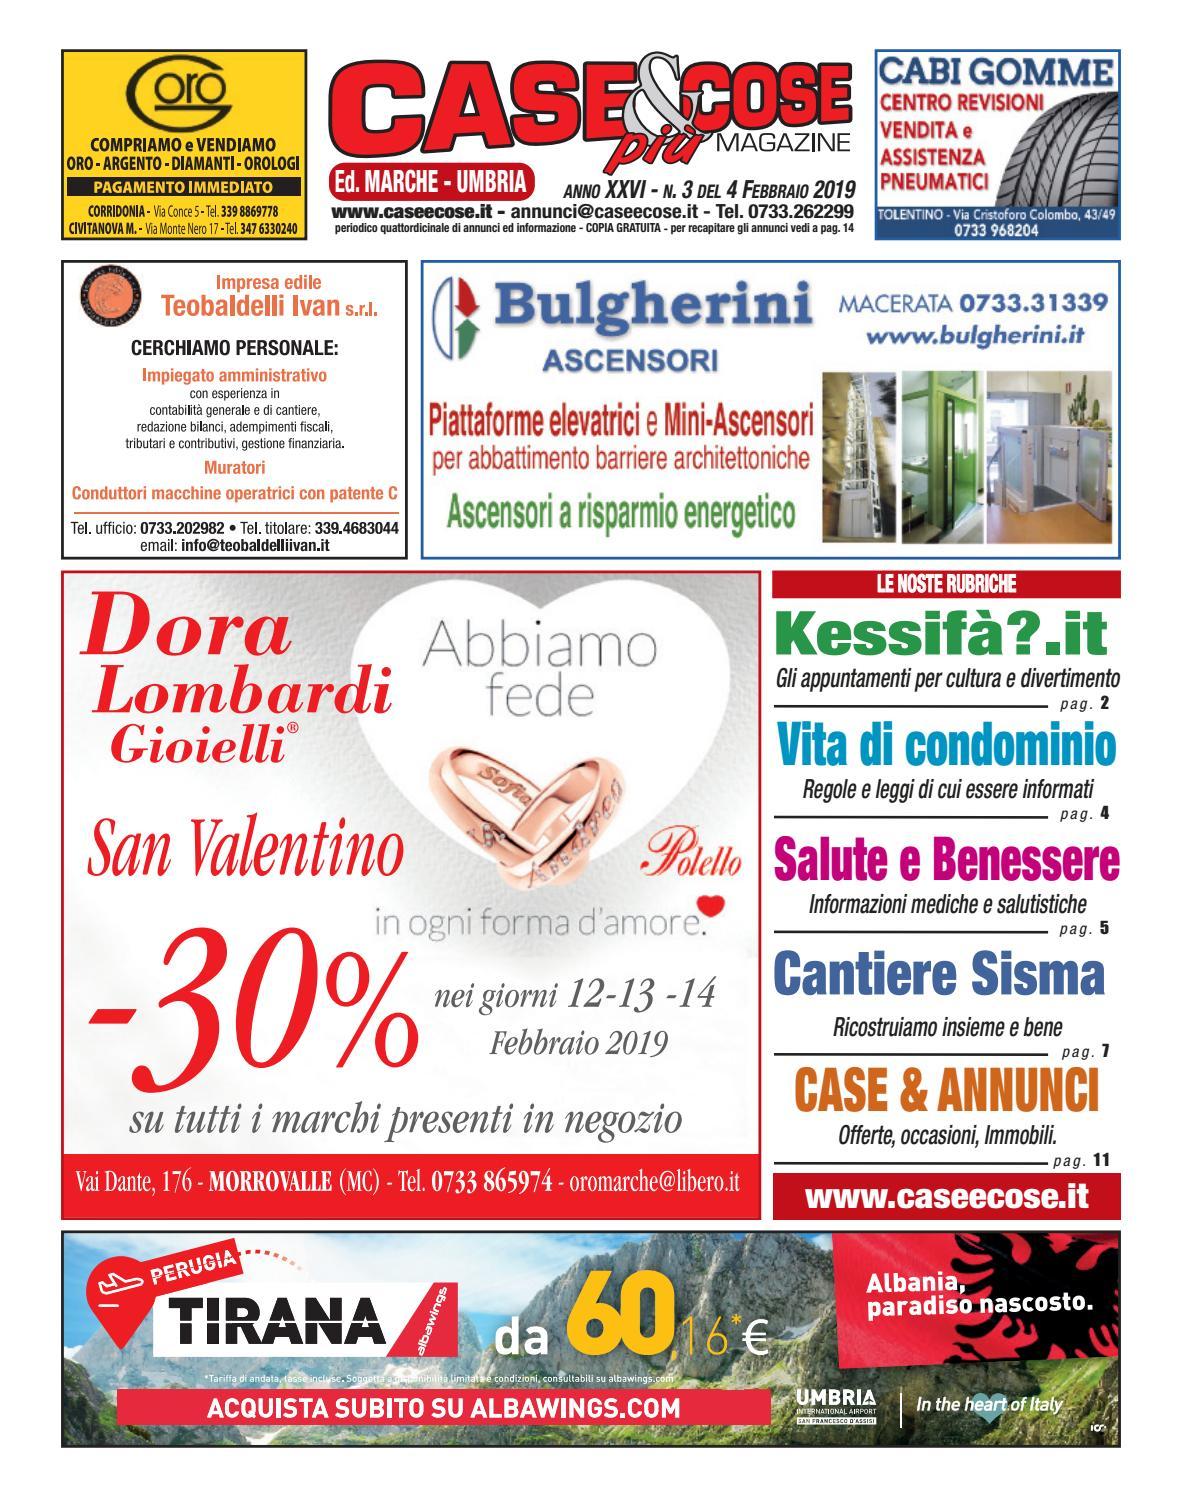 Collezionista Di Scatole Fiammiferi case & cose più n. 3 del 4.02.2019 ed. marche - umbria by